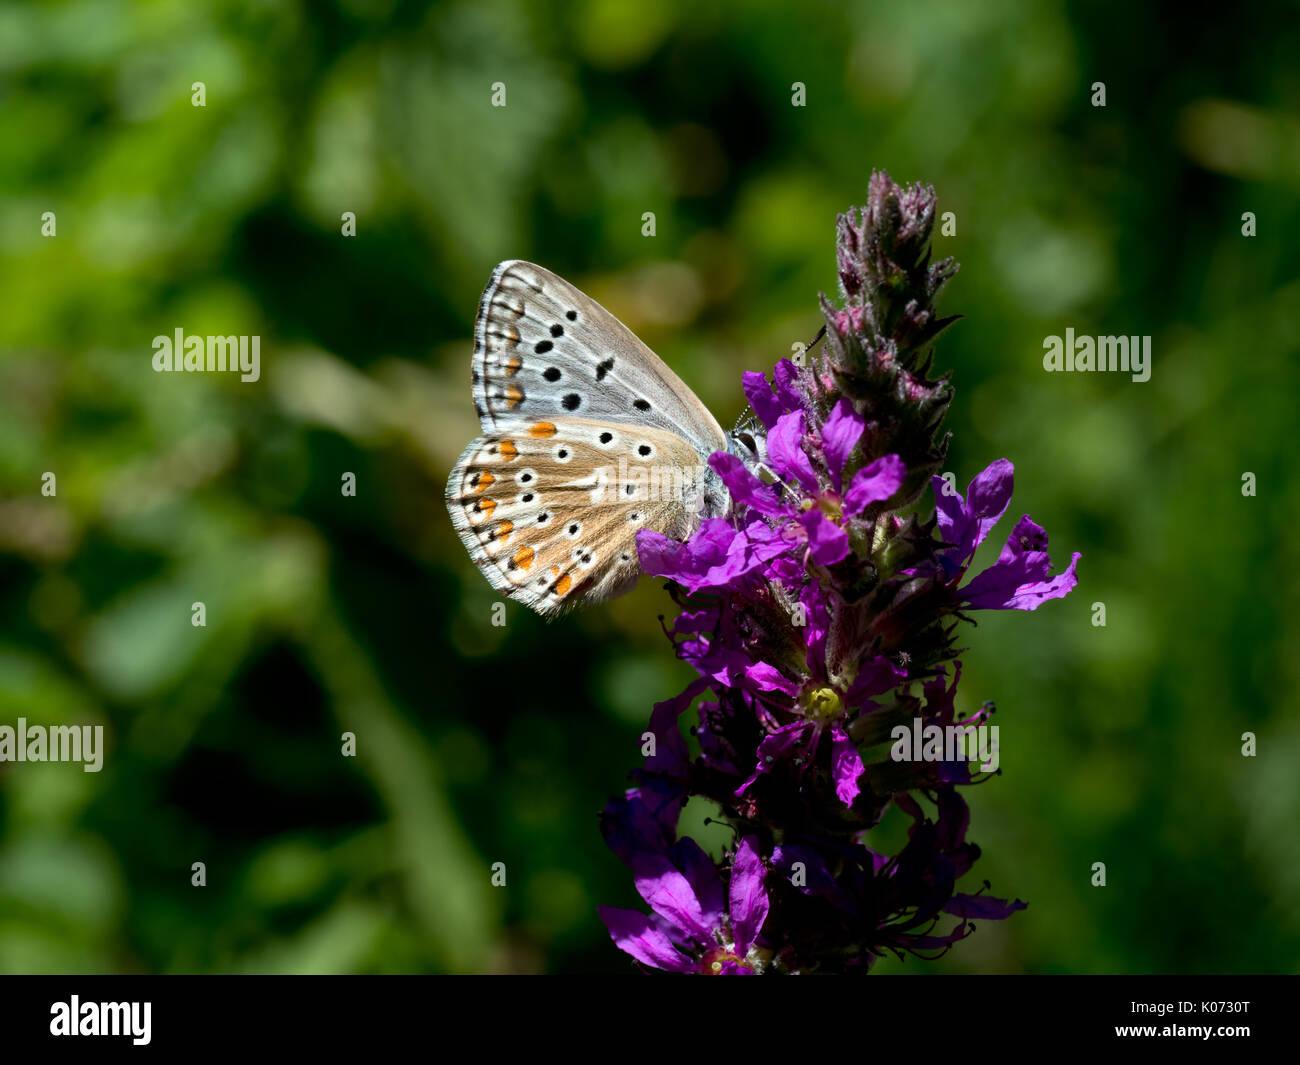 Polyommatus coridon. Chalkhill blue butterfly. - Stock Image